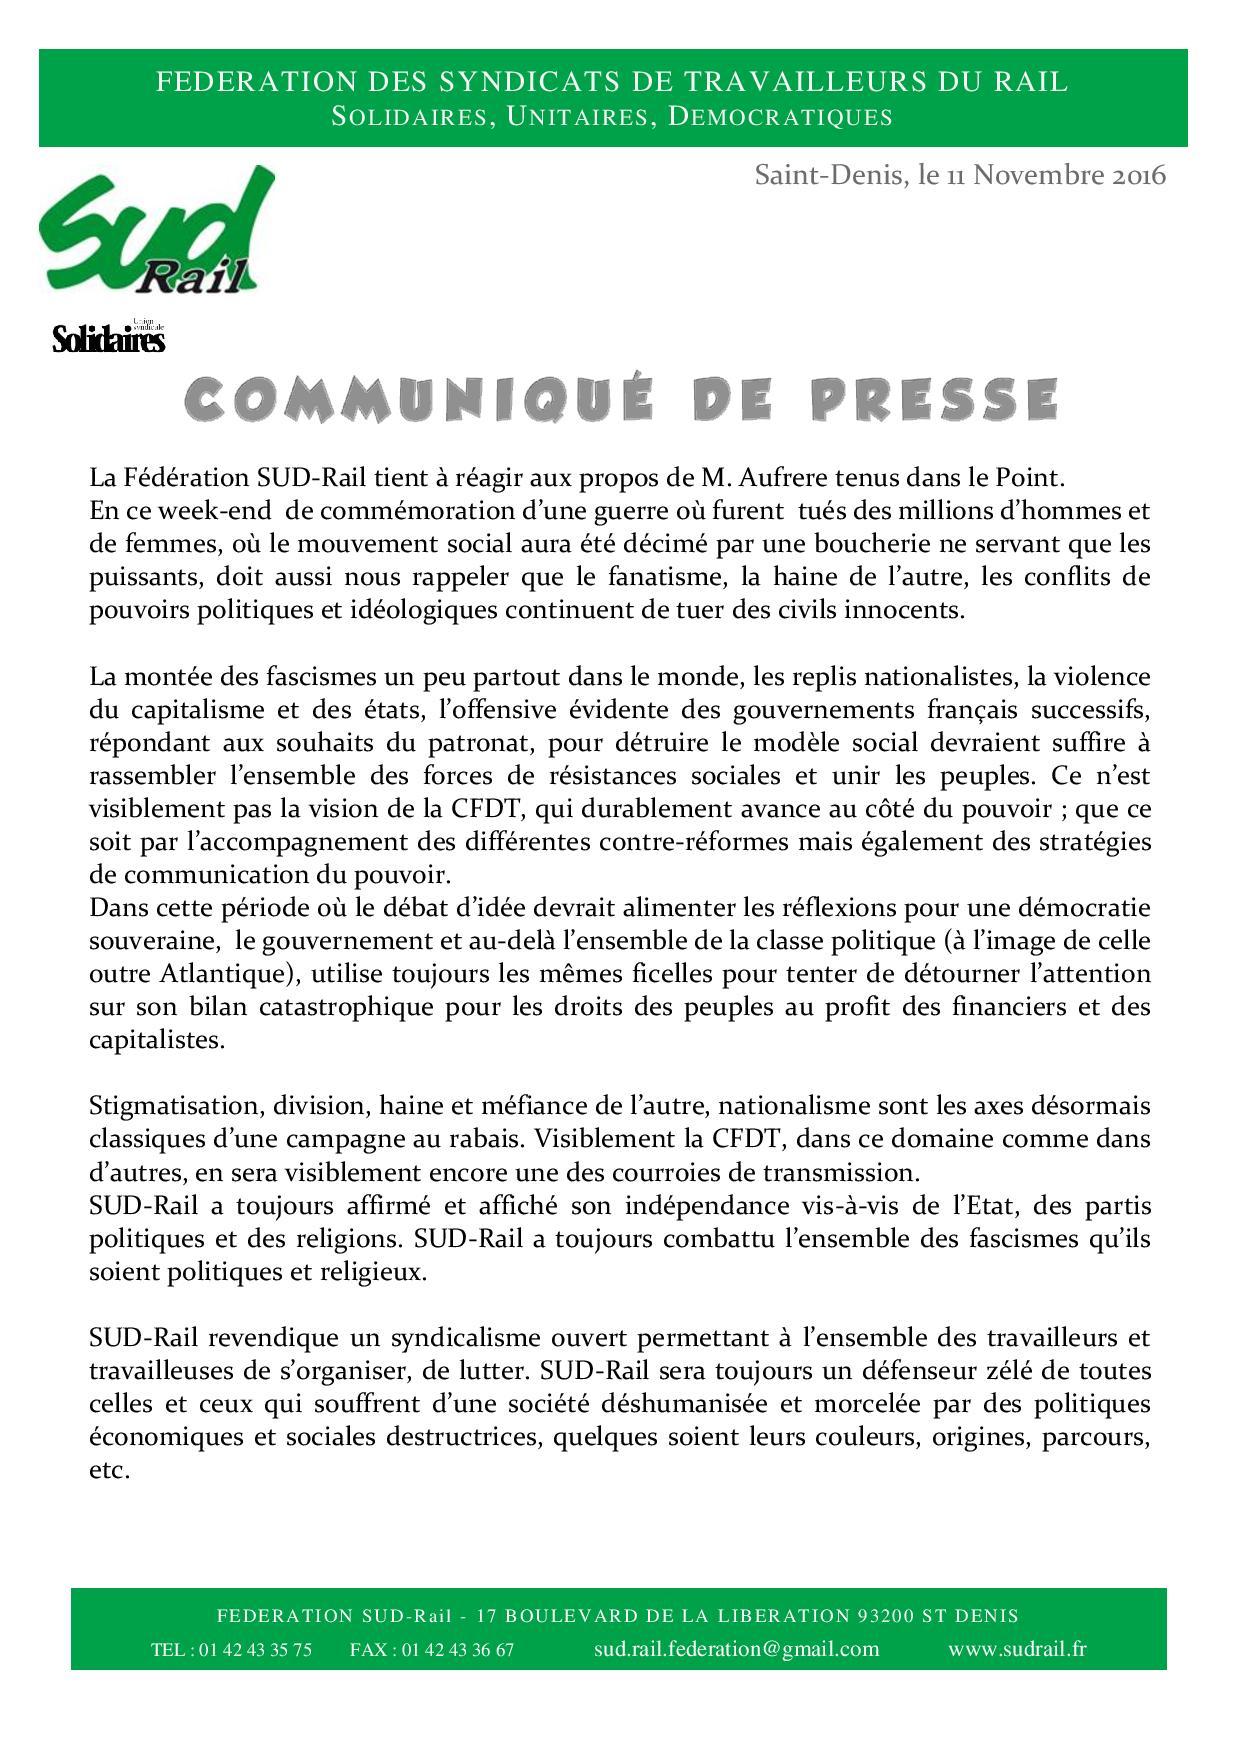 com-presse-suite-aux-propos-d-aufrere-cfdt-11-2016-page-001